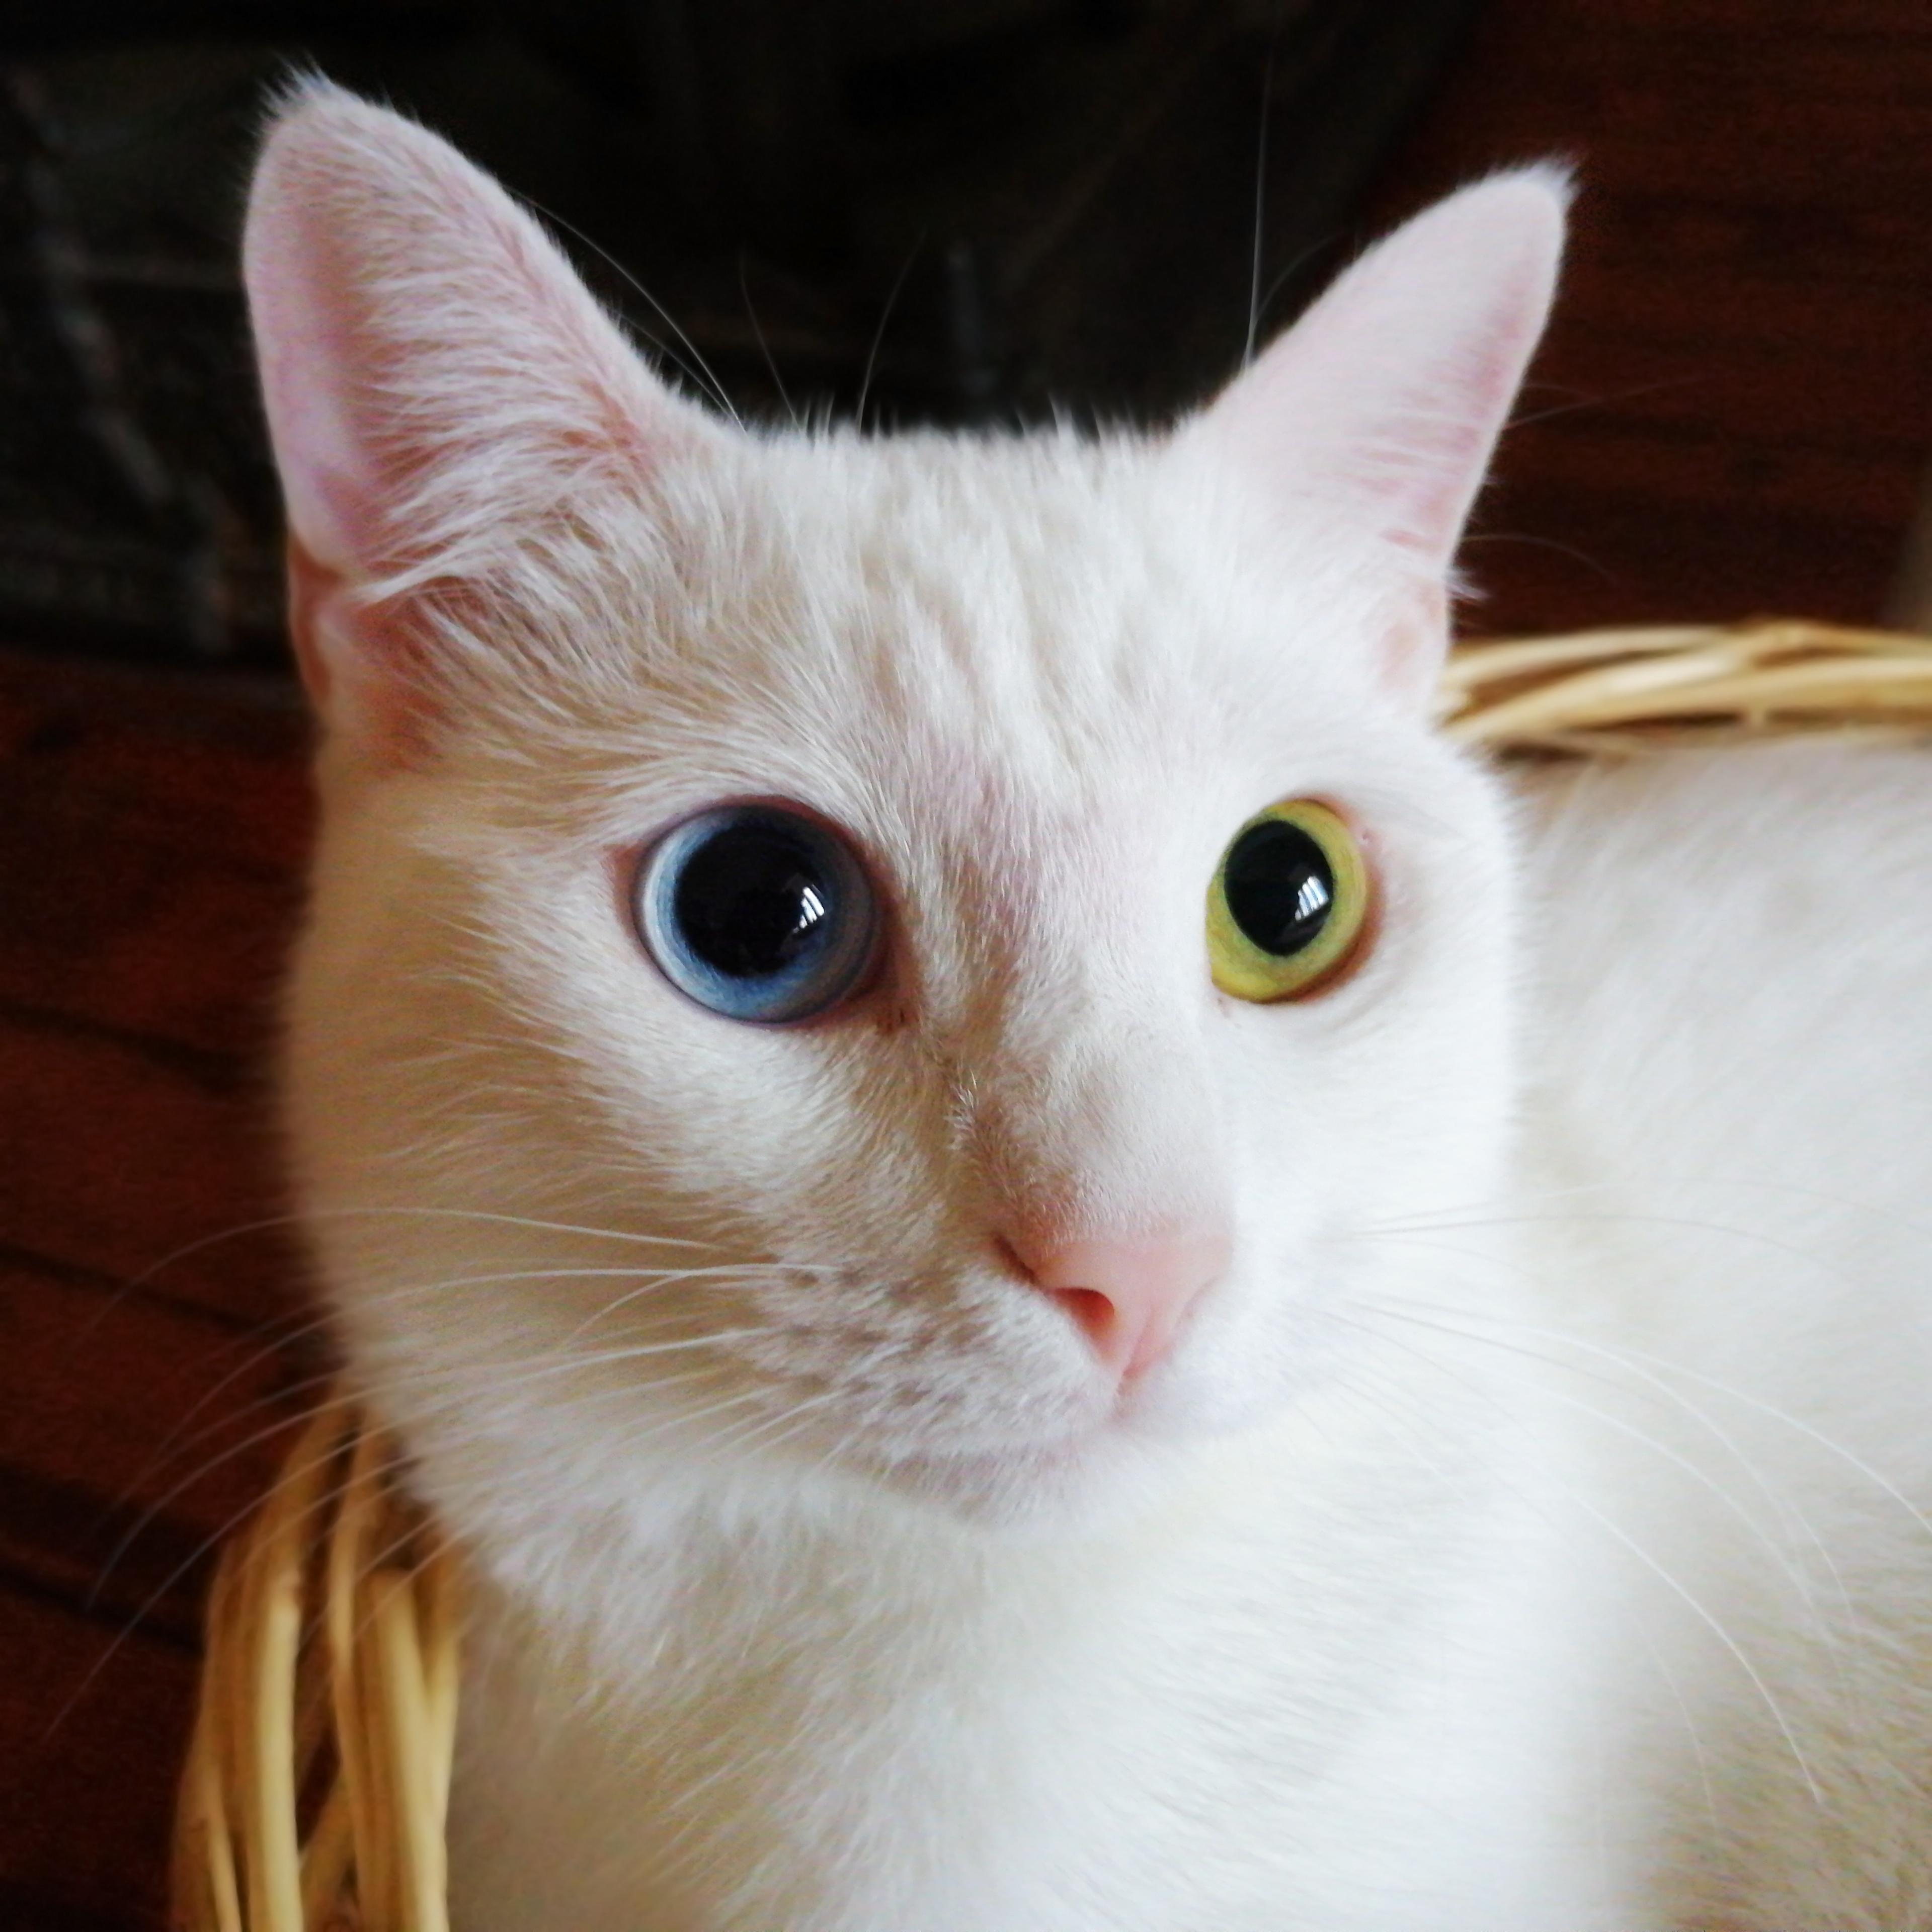 Cats.com